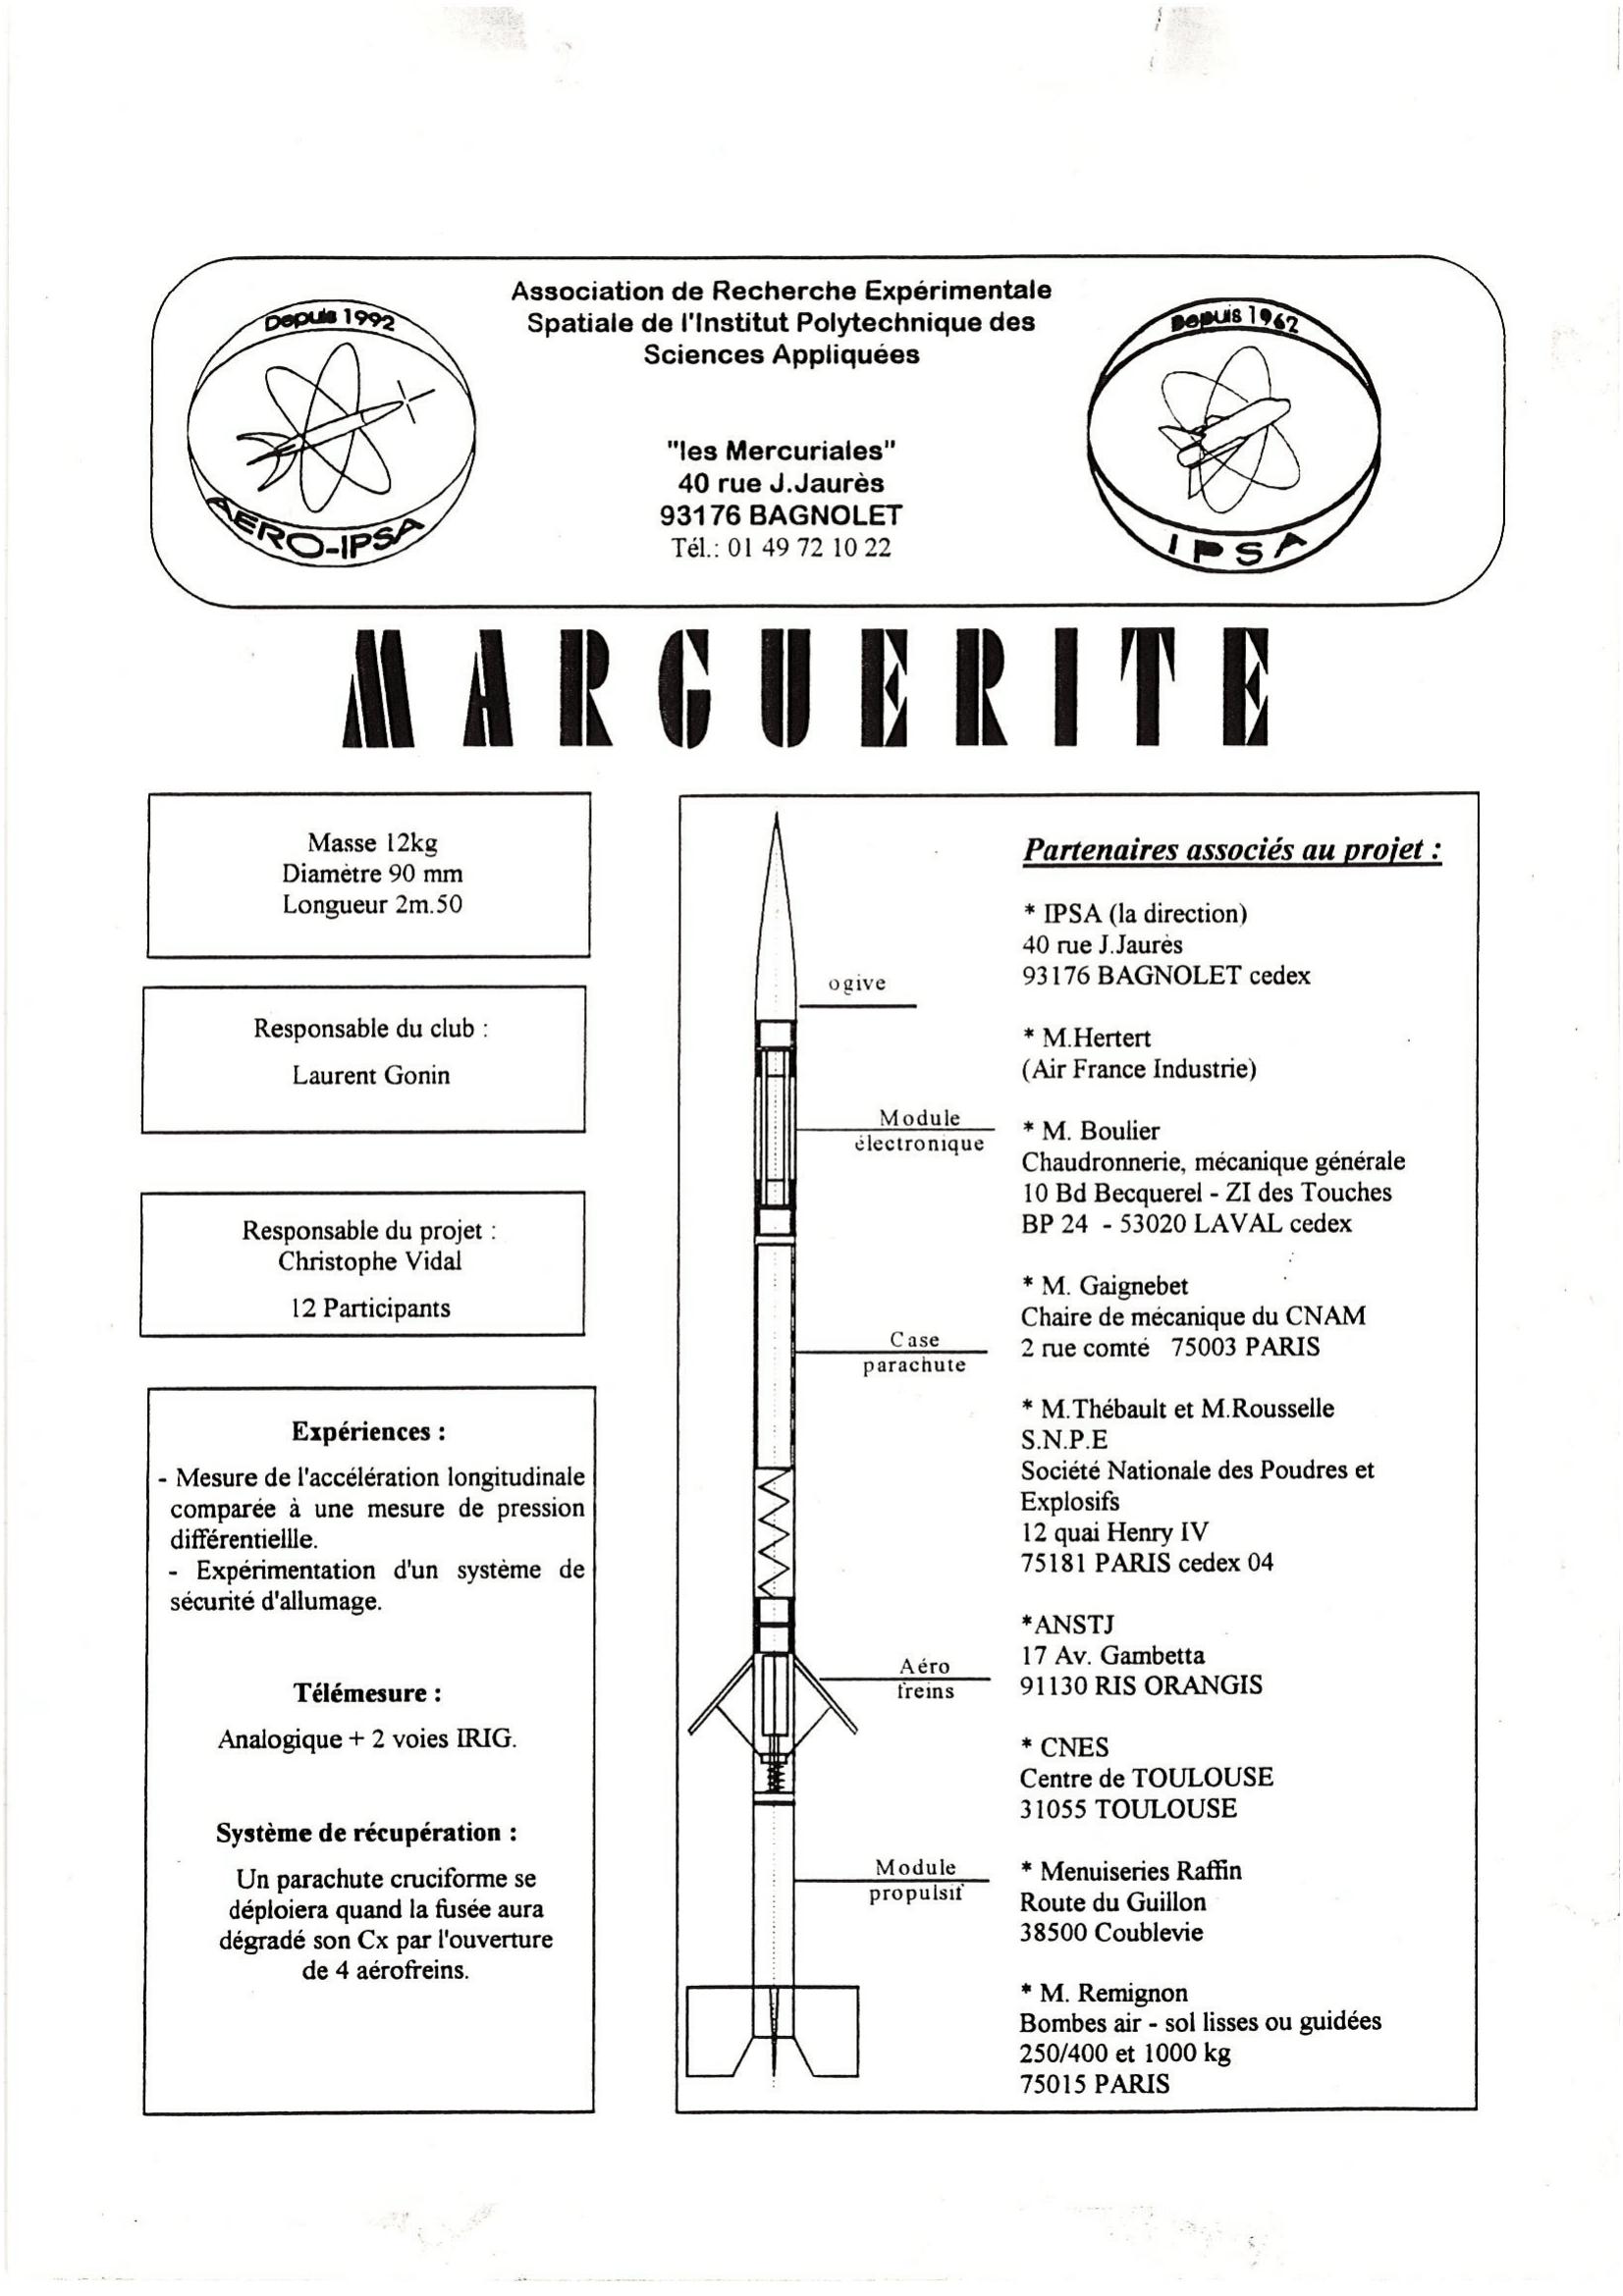 Fiche_Marguerite-1.png